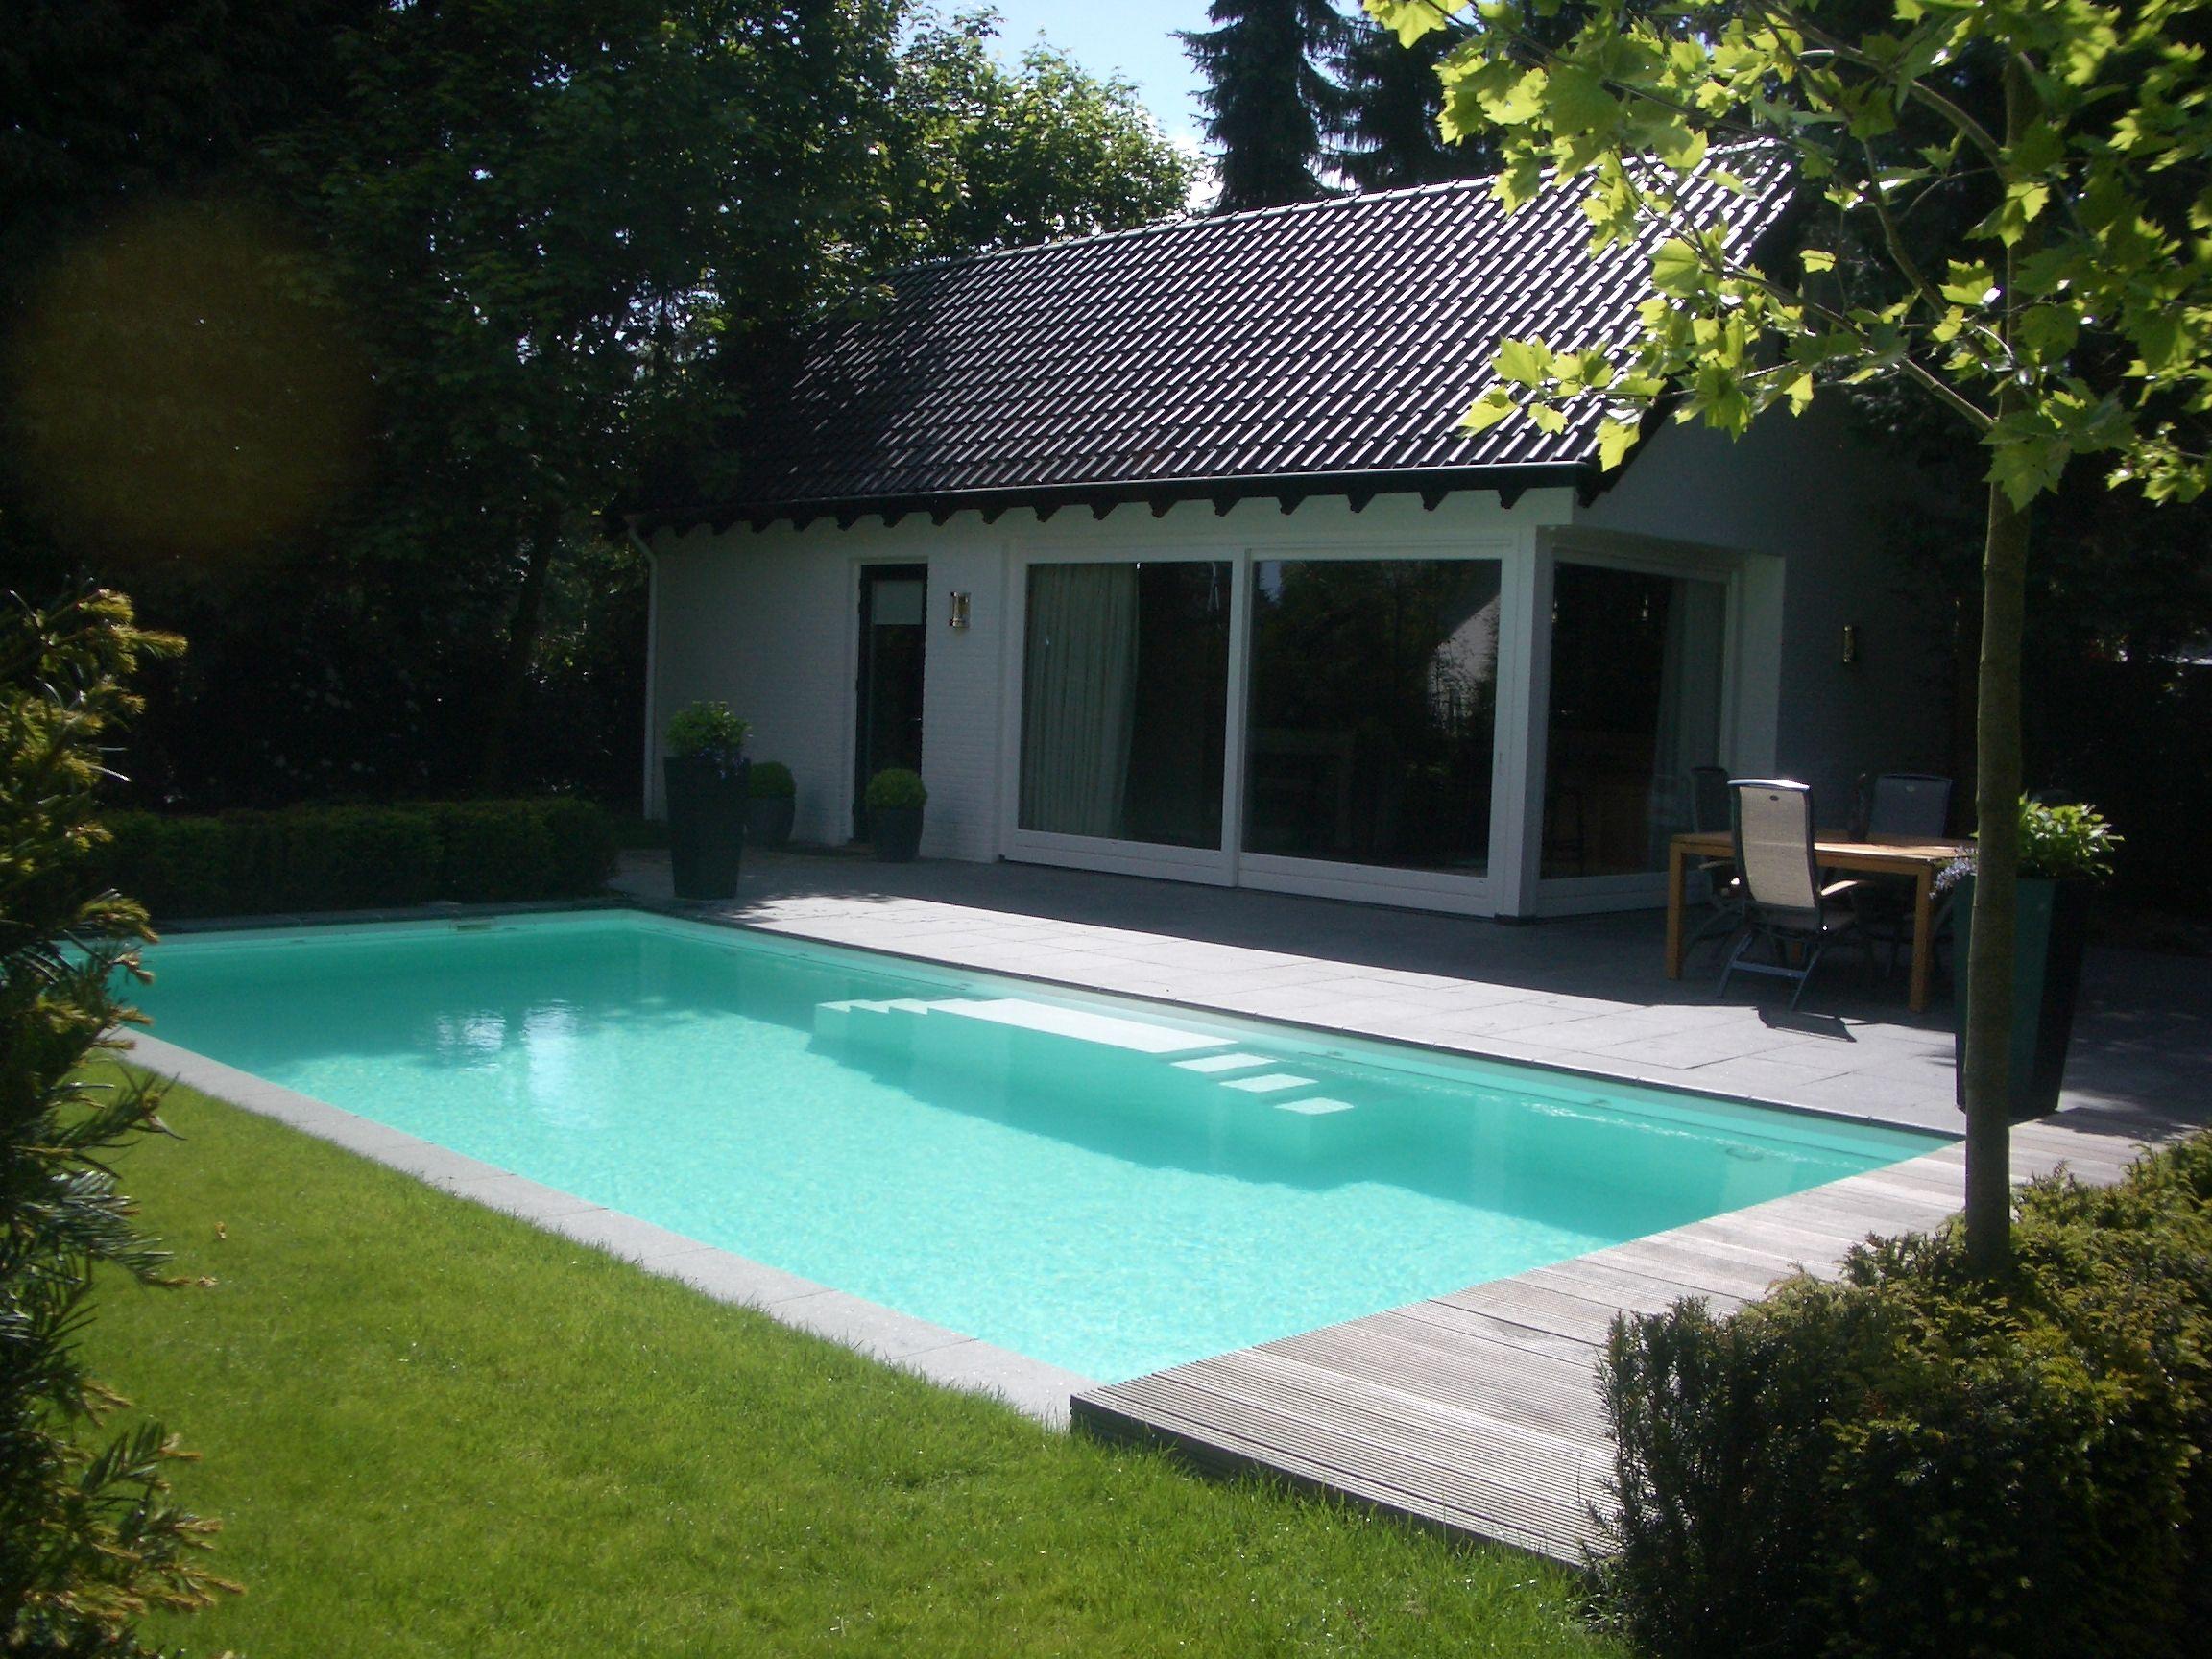 Mooi Zwembad In De Tuin Met Witte Folie En Een